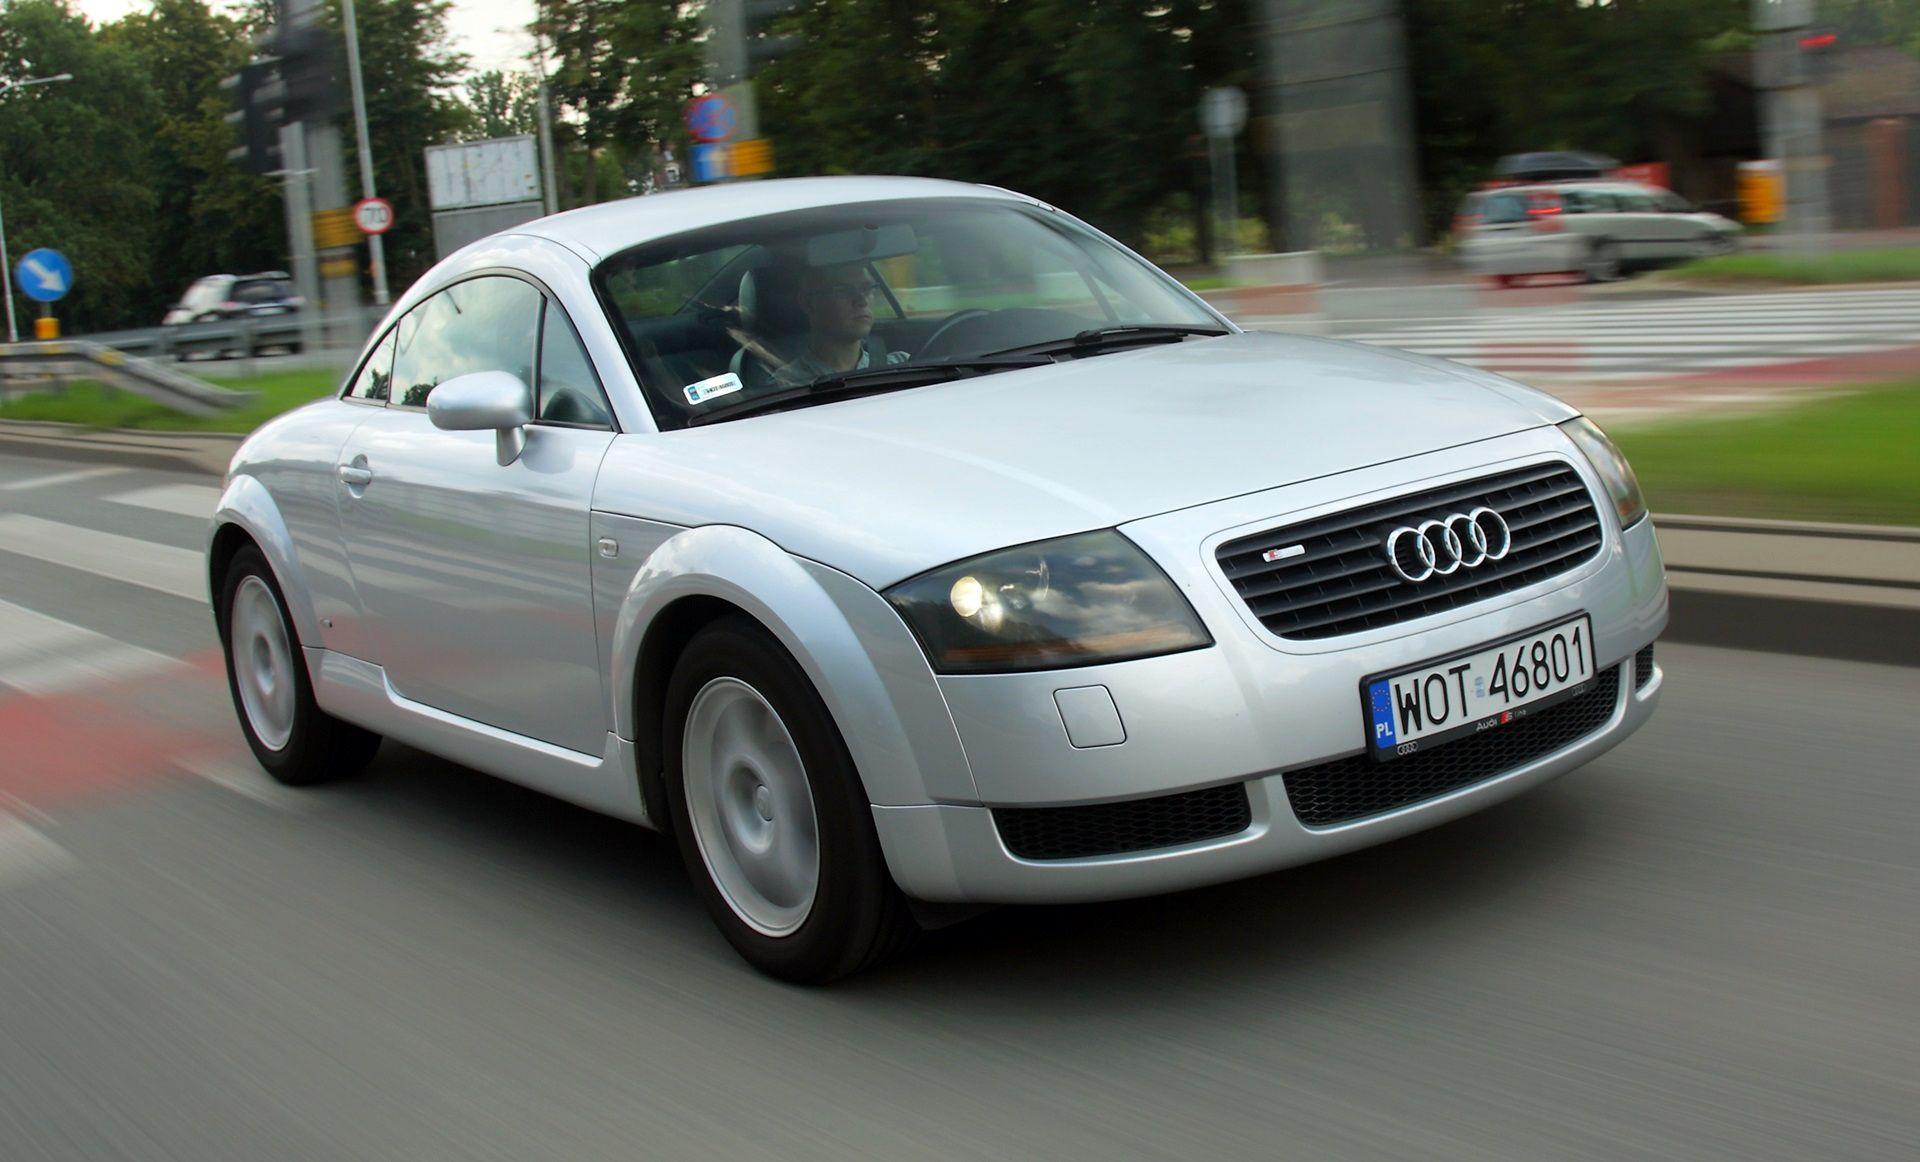 Zaktualizowano Używane samochody coupe. Przegląd 10 sportowych aut za 15 tys. zł YC74